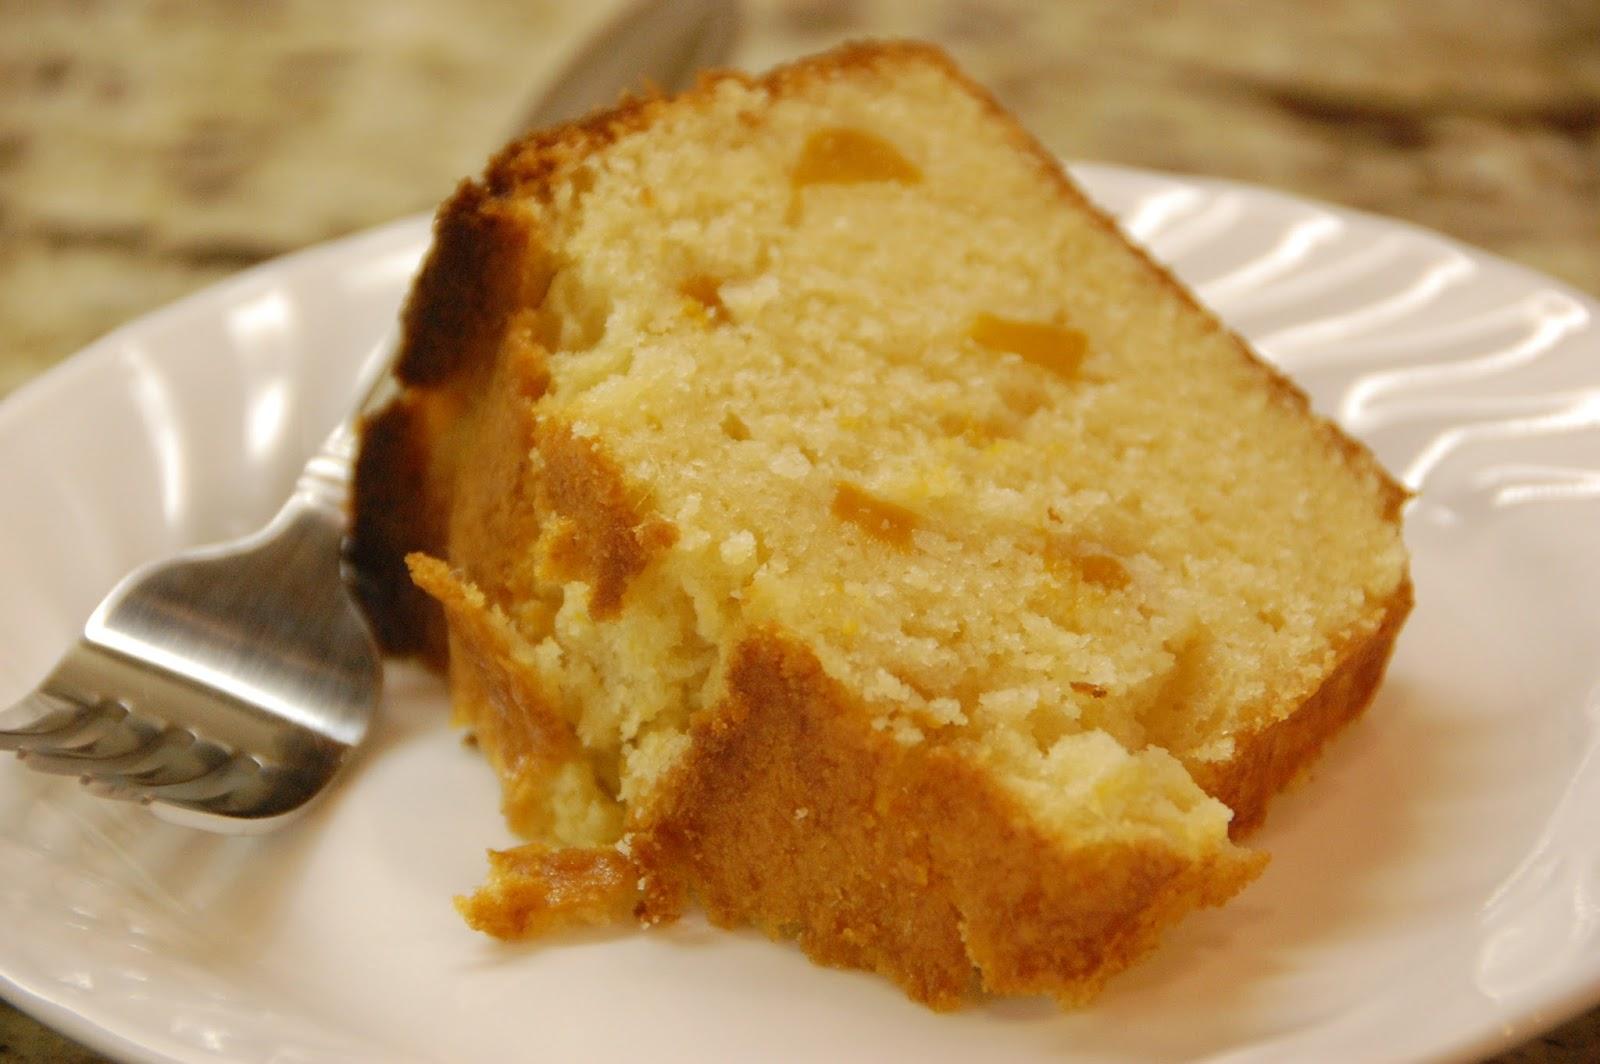 Punjabi food recipes punjabi dishes punjabi food punjabi recipes eggless cake recipe forumfinder Gallery